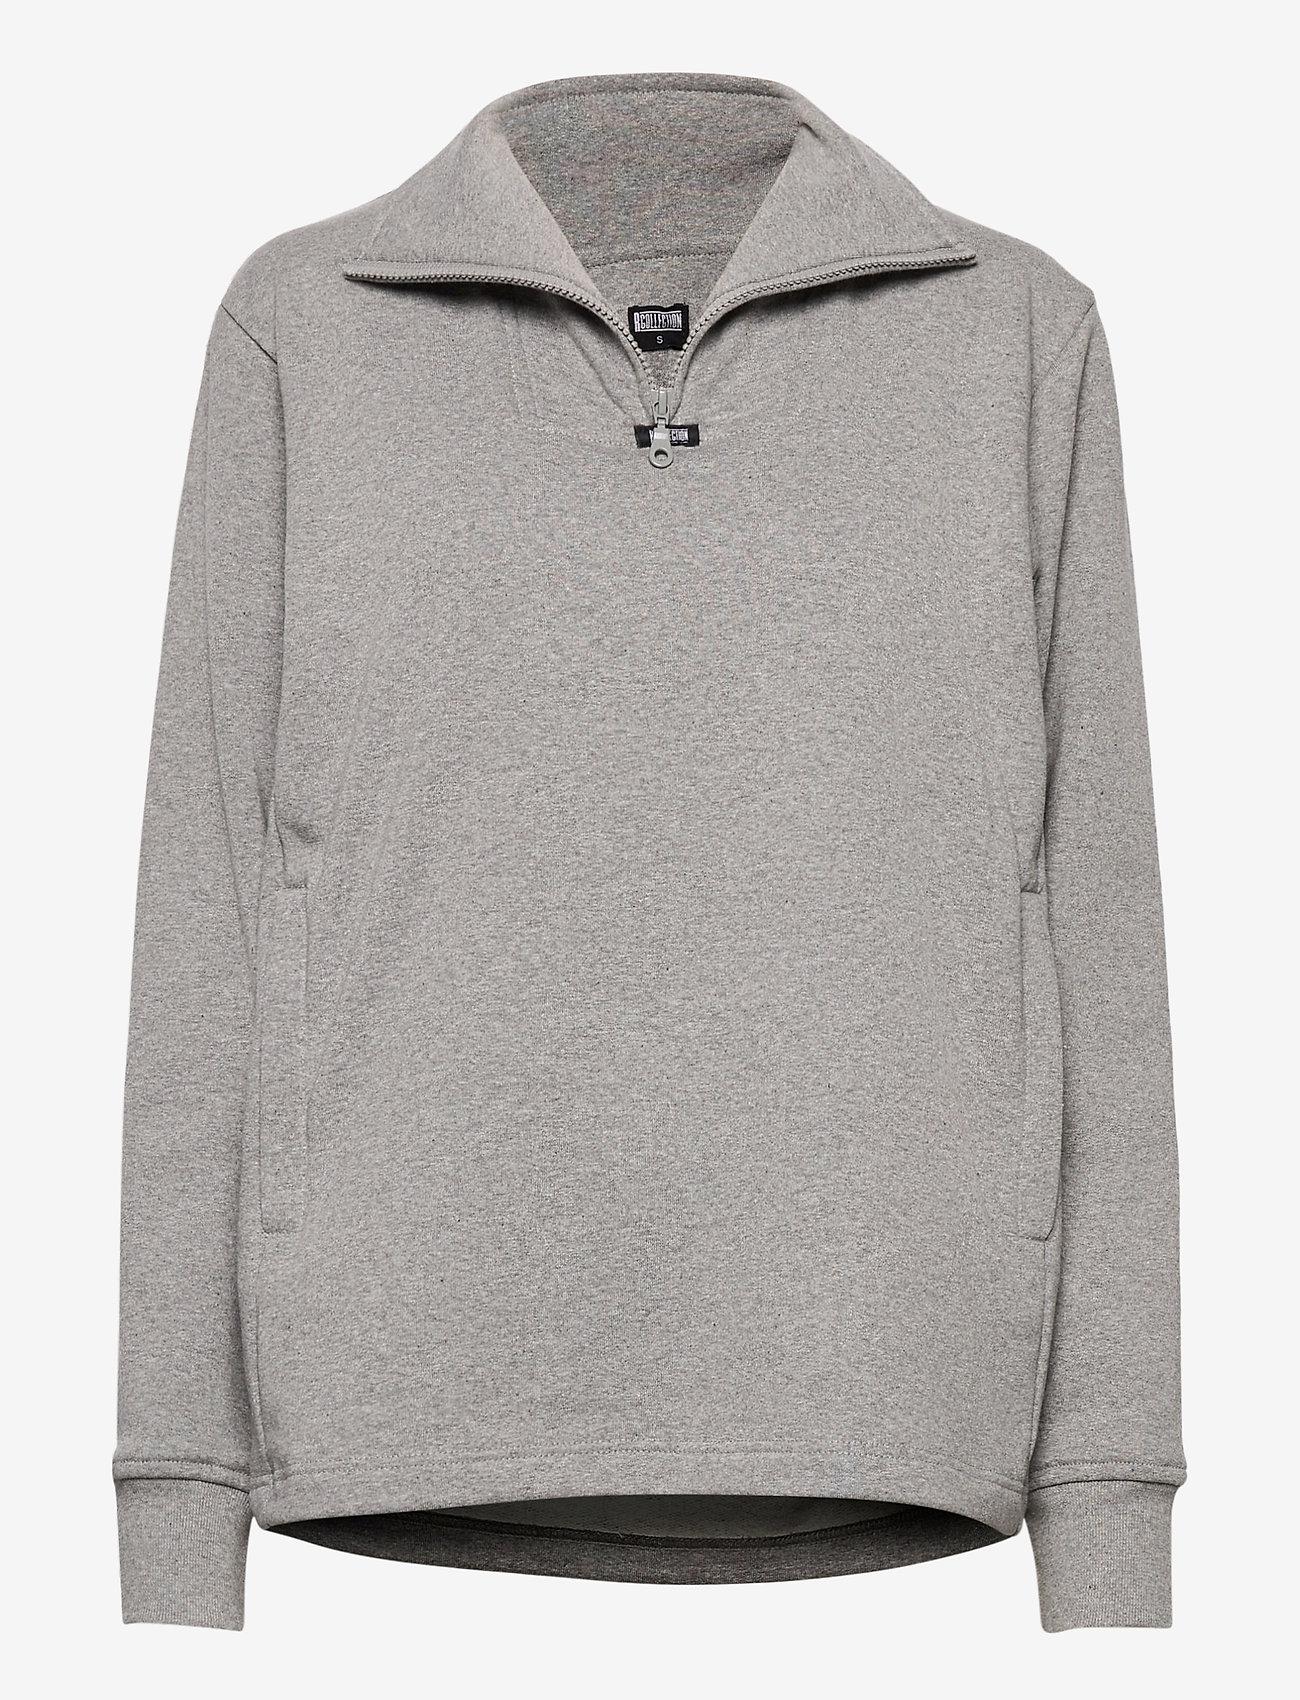 R-Collection - Aatos Sweatshirt - half zip - light grey melange - 0